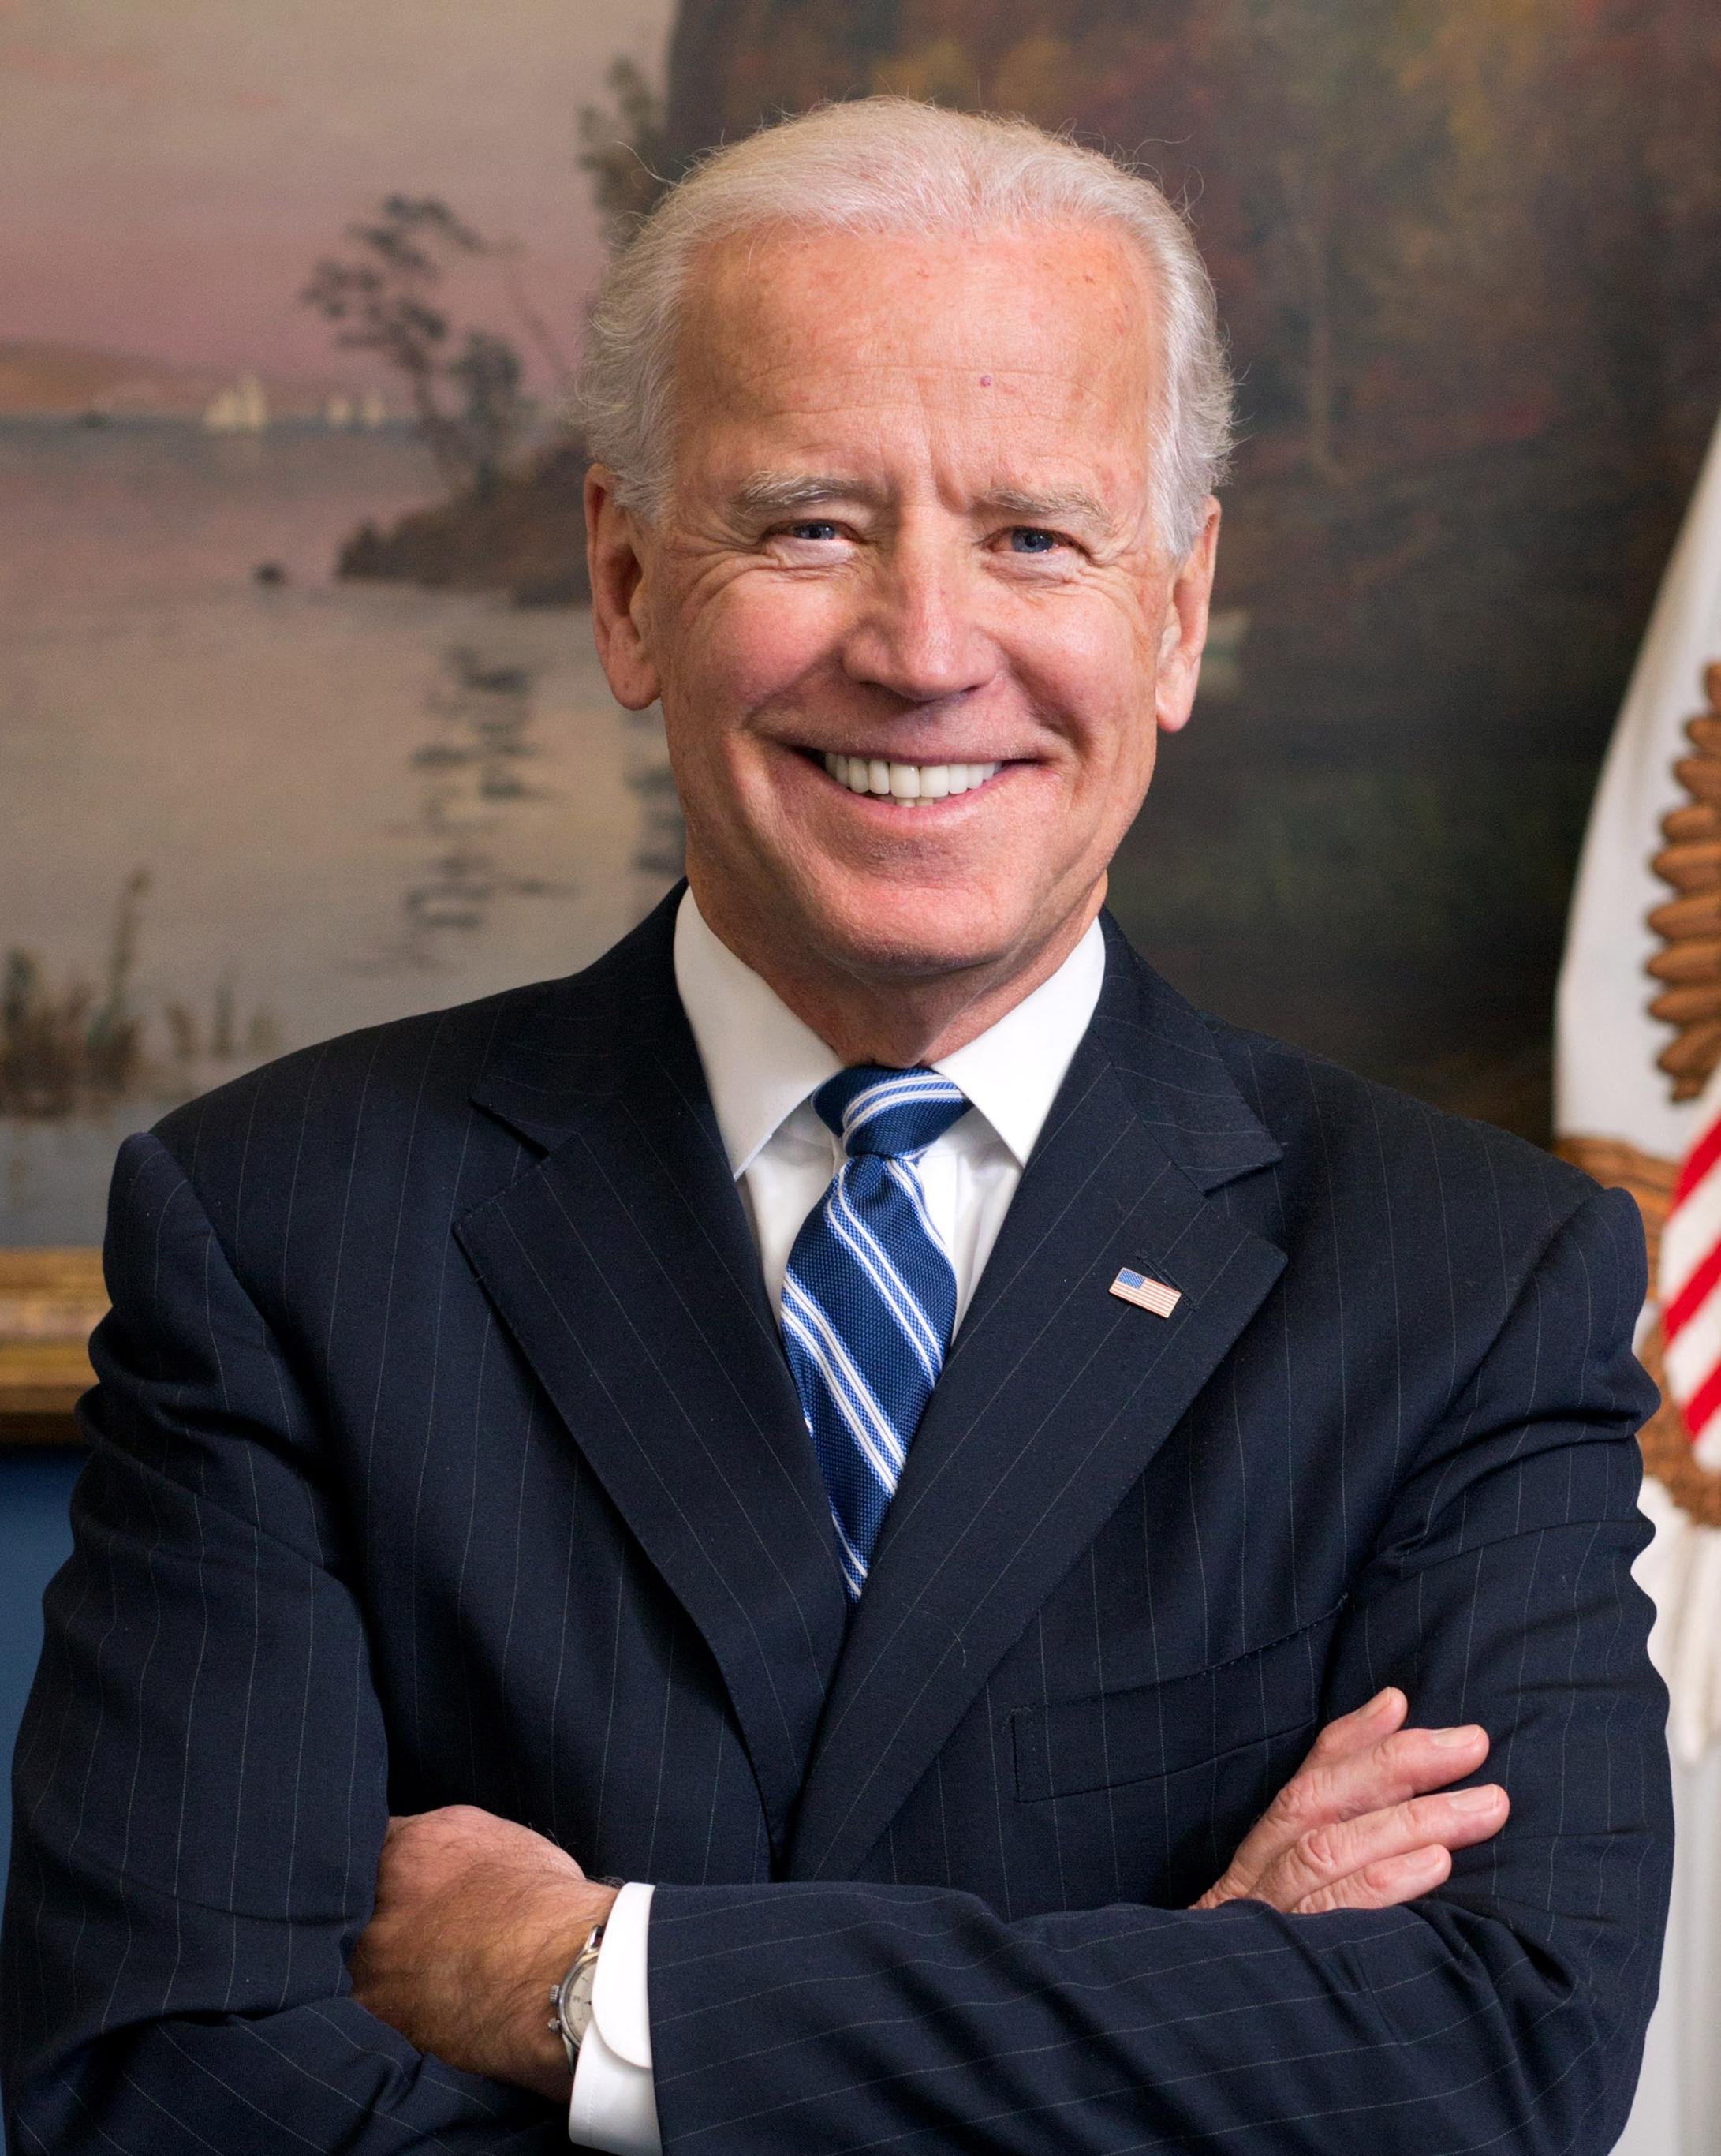 Joe Biden (Joan of What?)